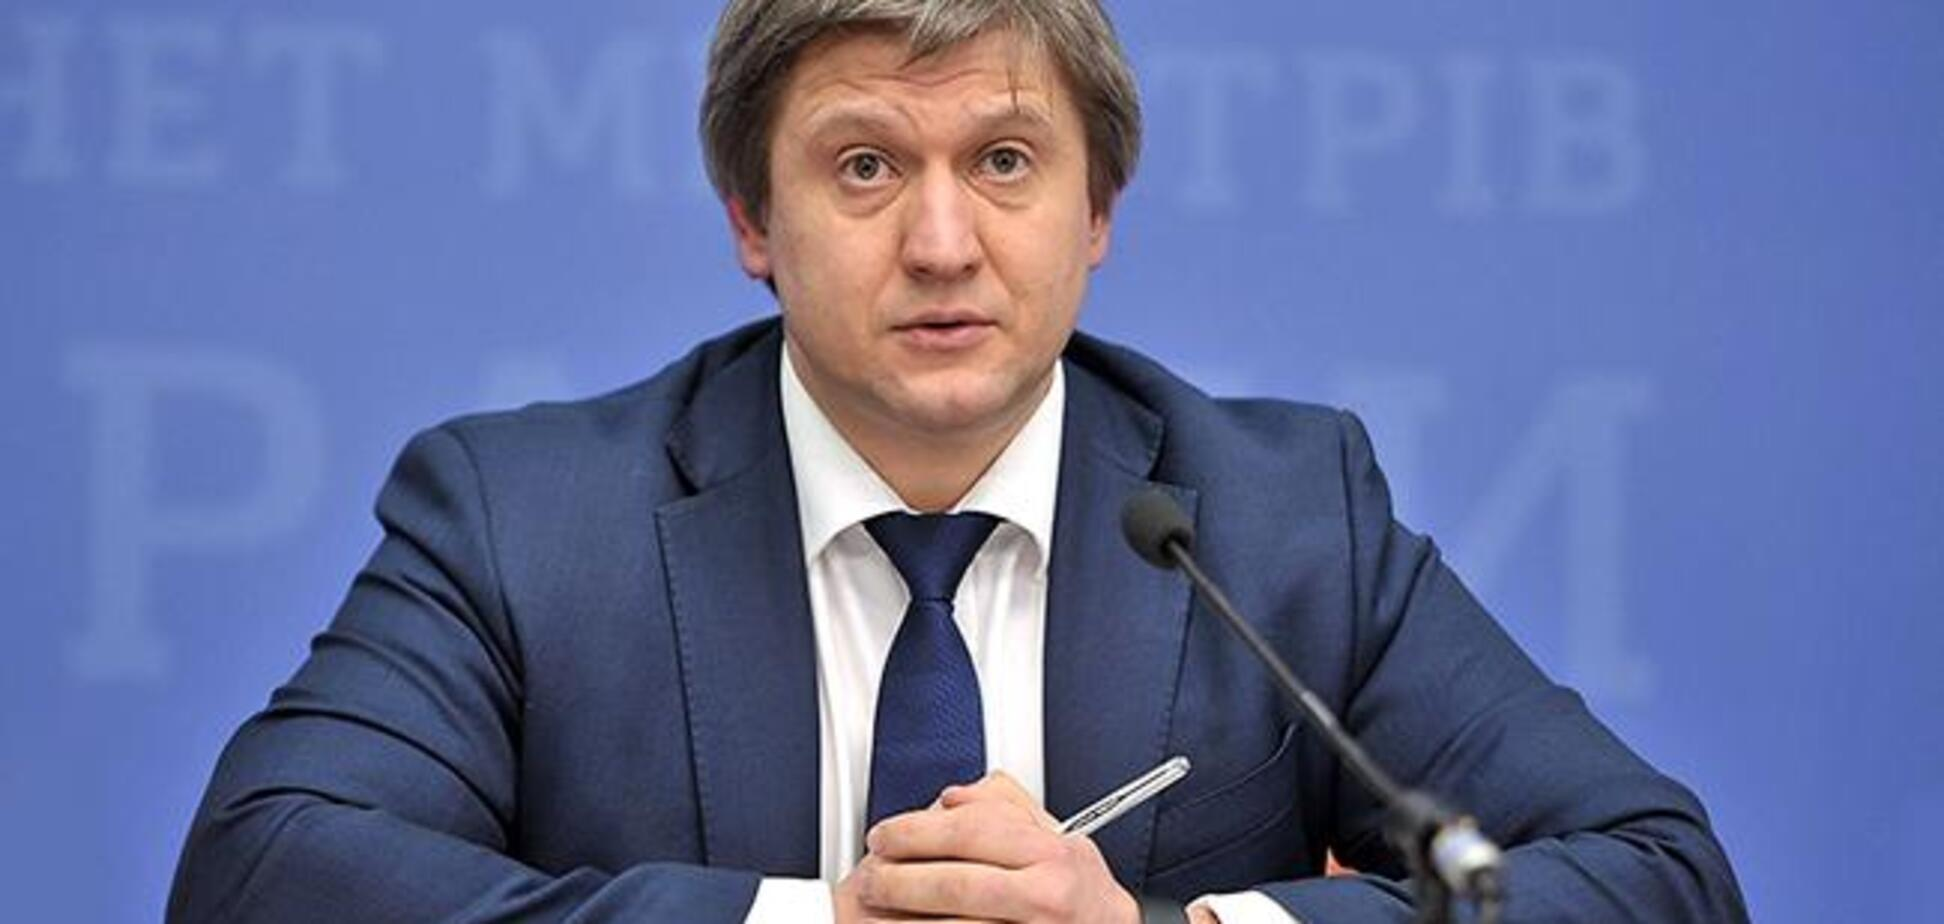 Главі Мінфіну України загрожує реальний строк